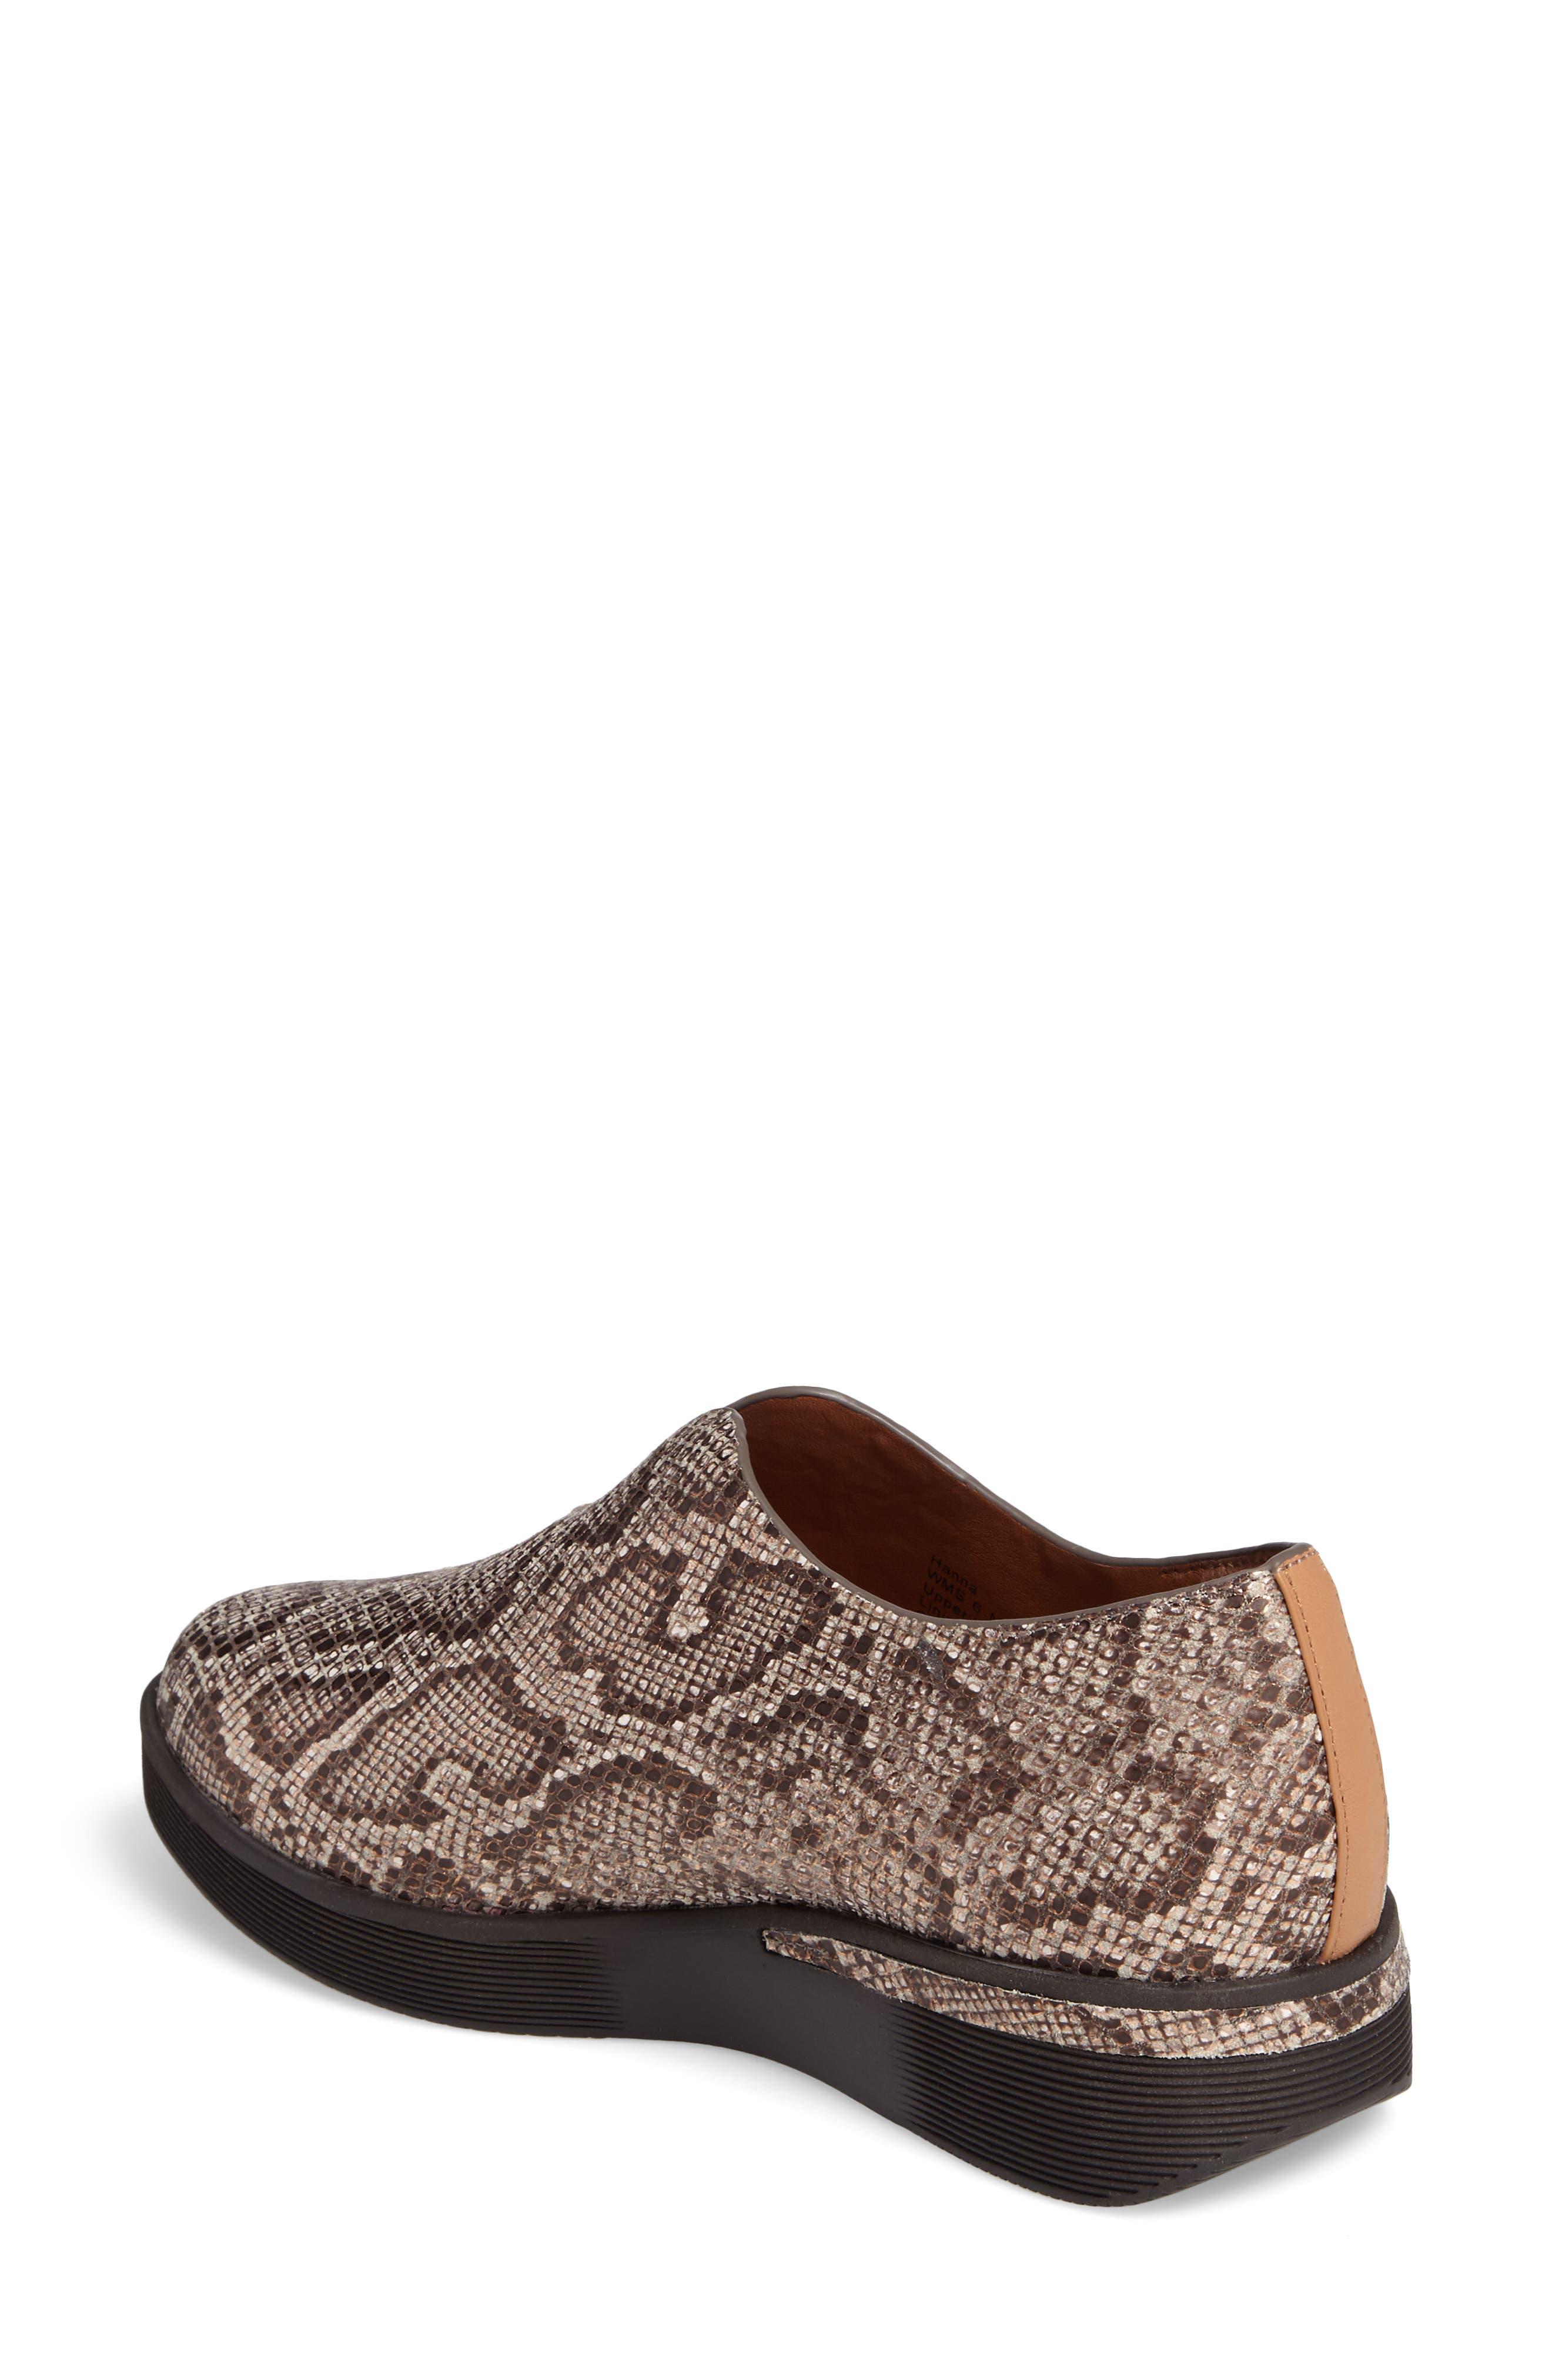 Hanna Slip-On Sneaker,                             Alternate thumbnail 2, color,                             Rose Gold Leather